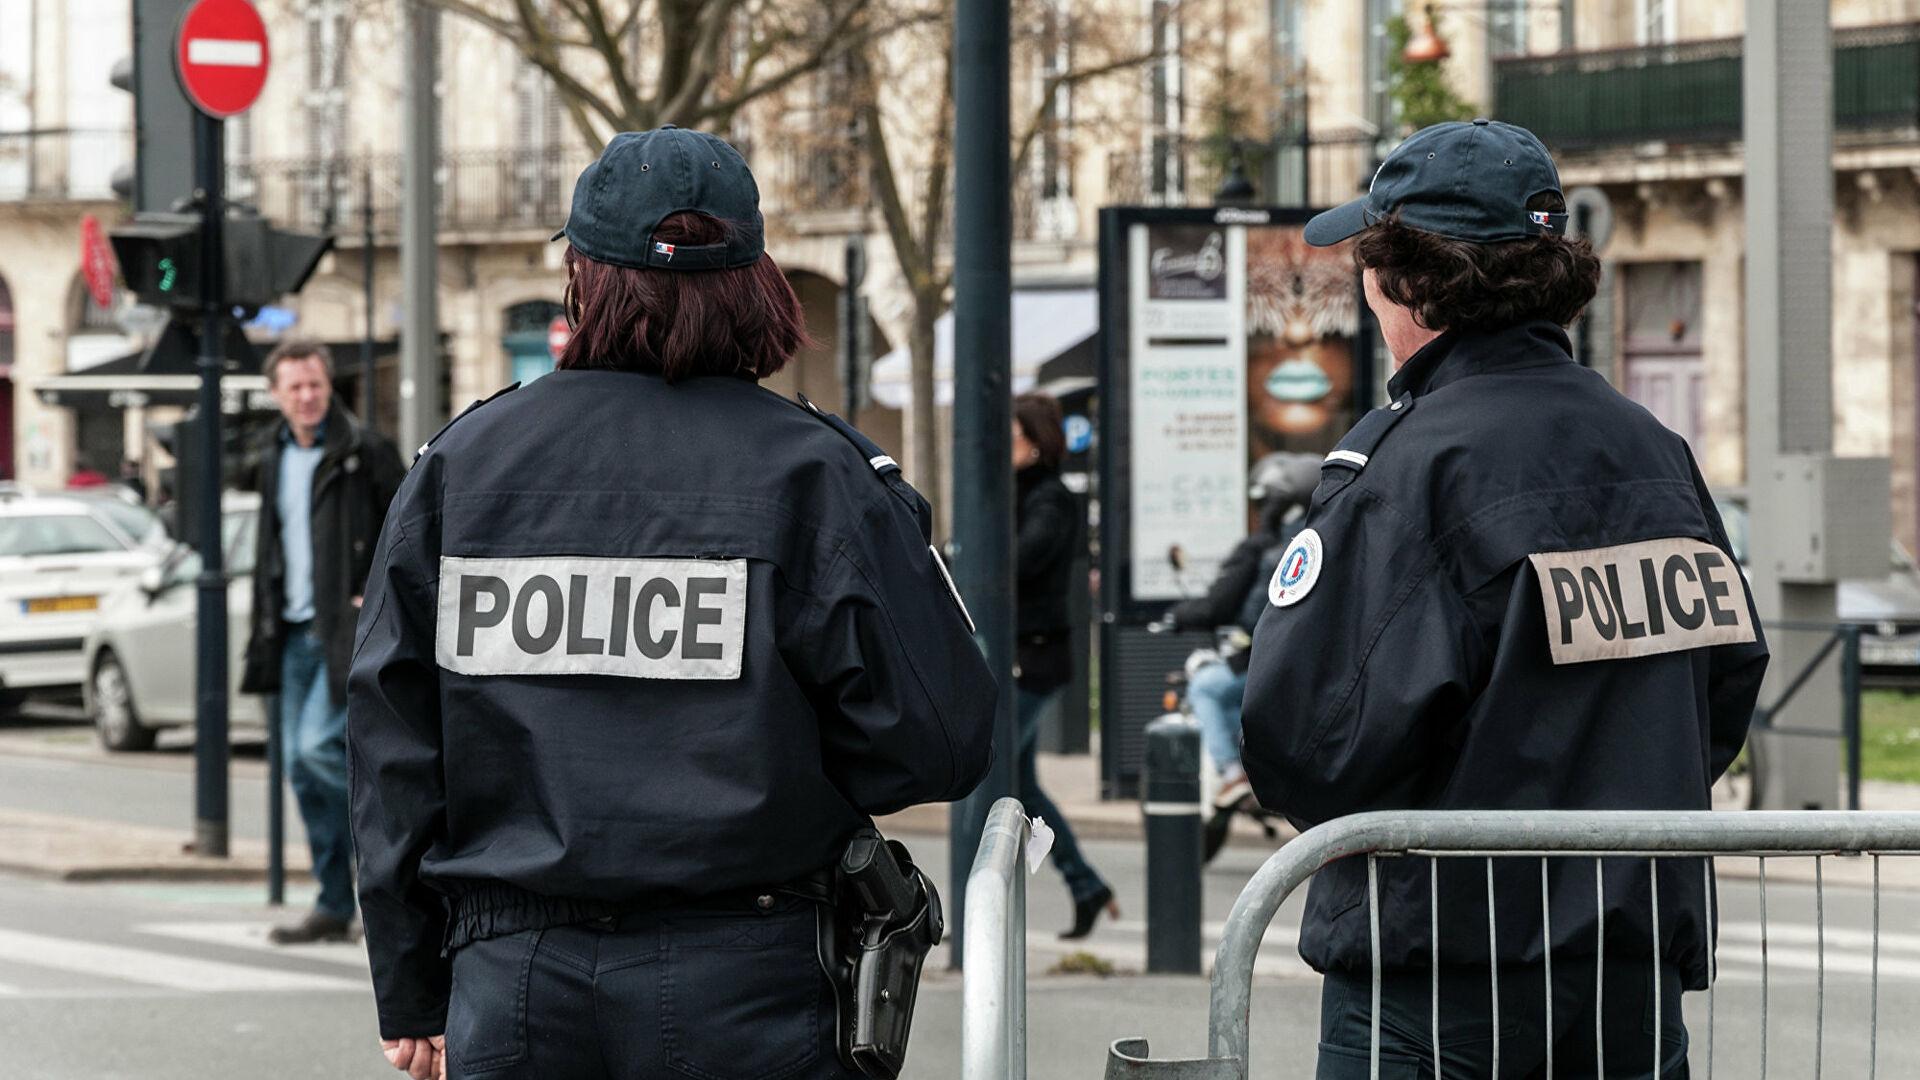 Ֆրանսիայի Լիոն քաղաքում կրակել են ուղղափառ հոգևորականի վրա․ նա գտնվում է ծանր վիճակում